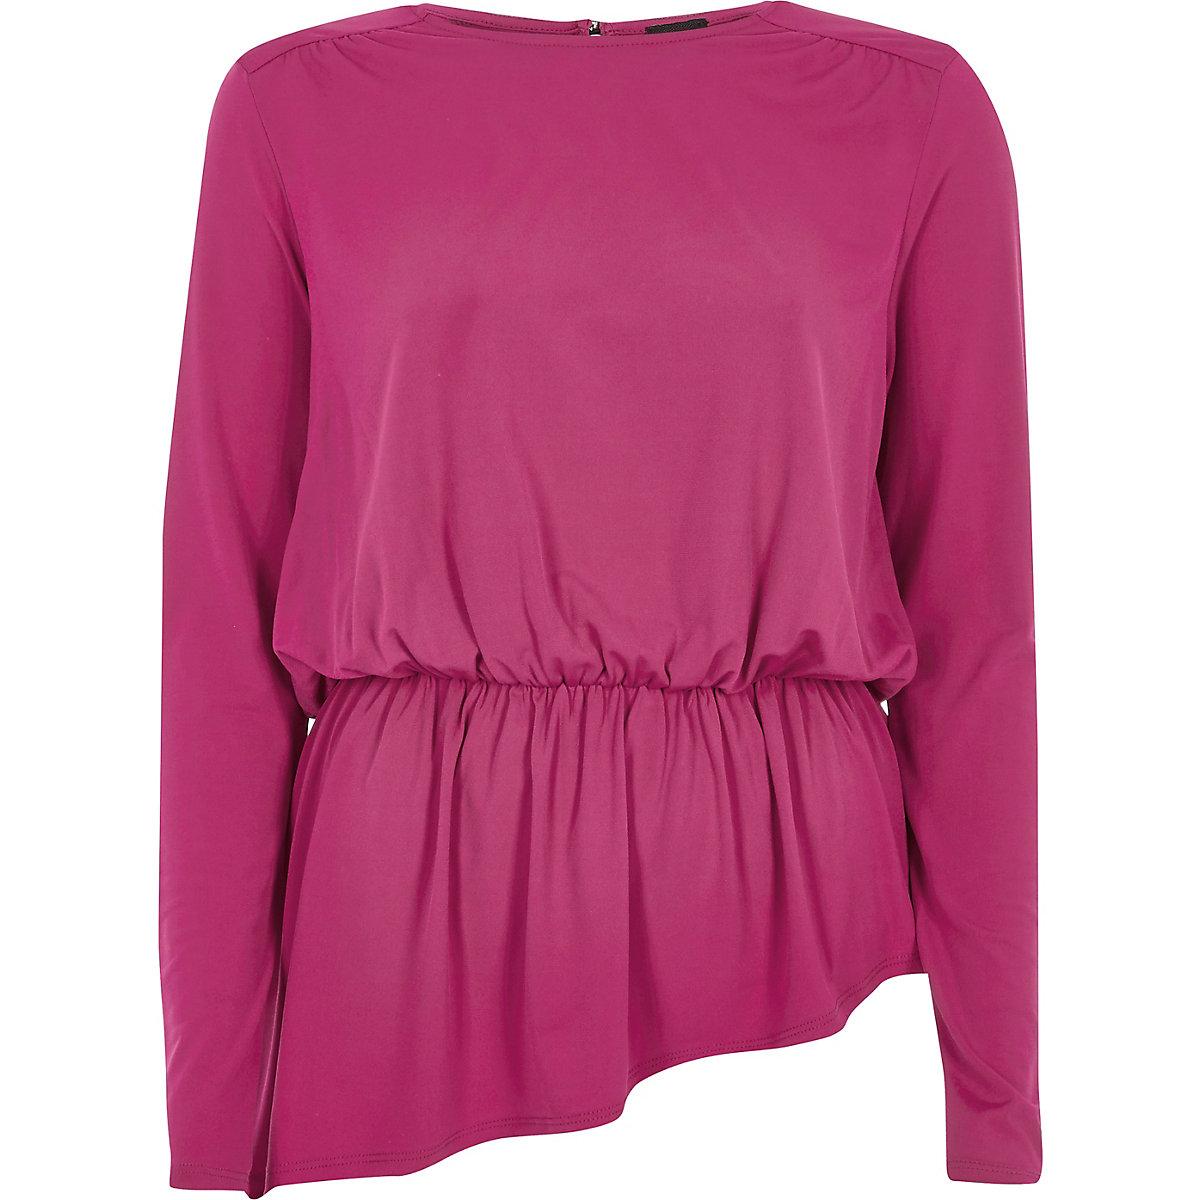 Roze top met brede schouders en peplum